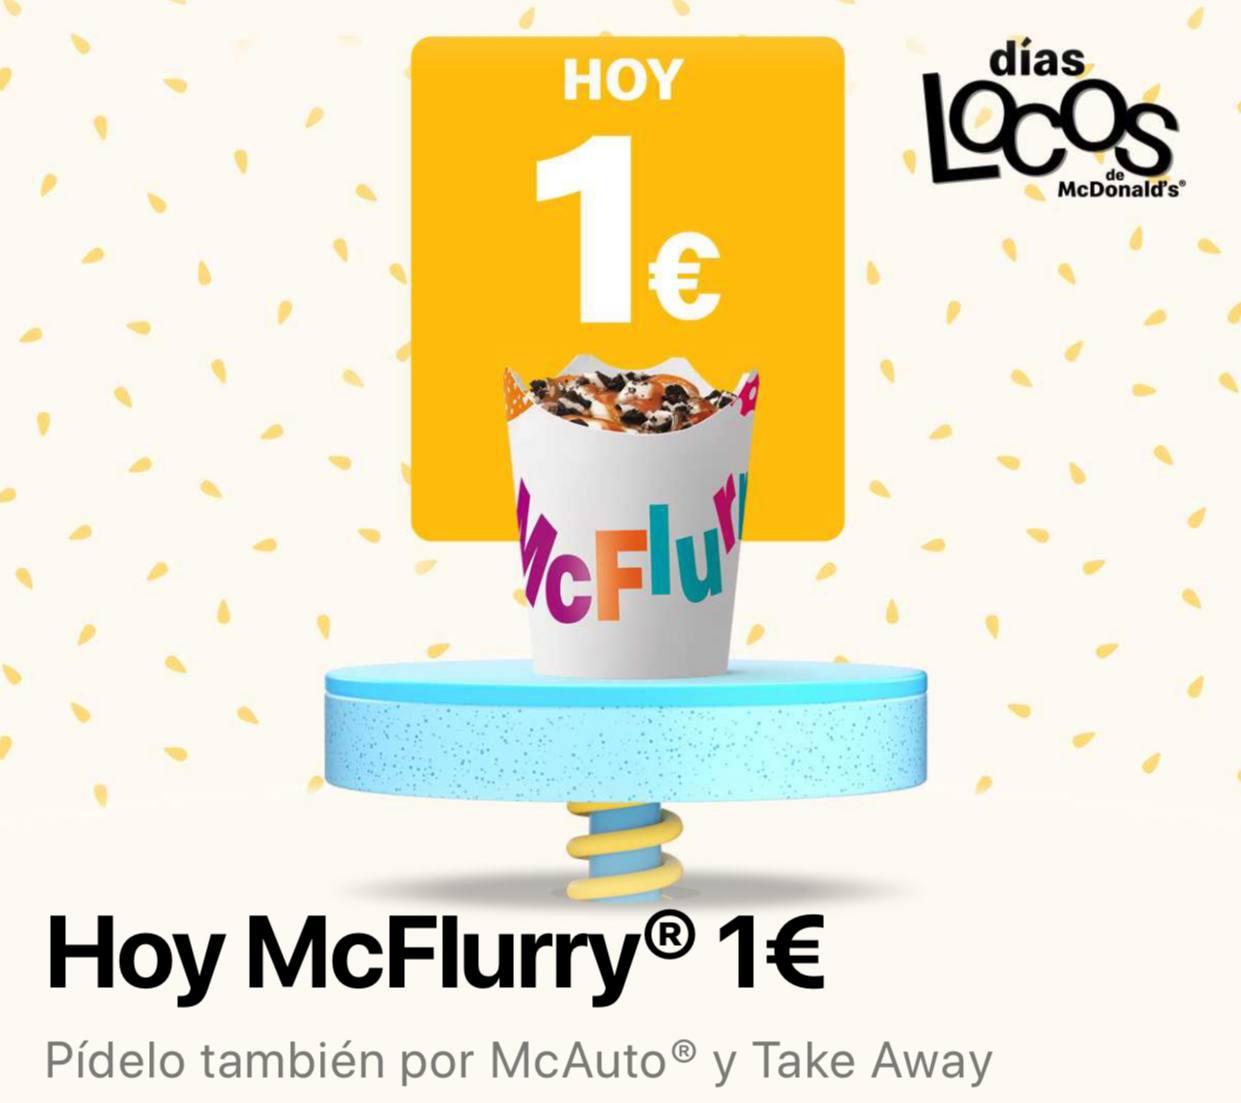 McFlurry con los días locos de McDonalds